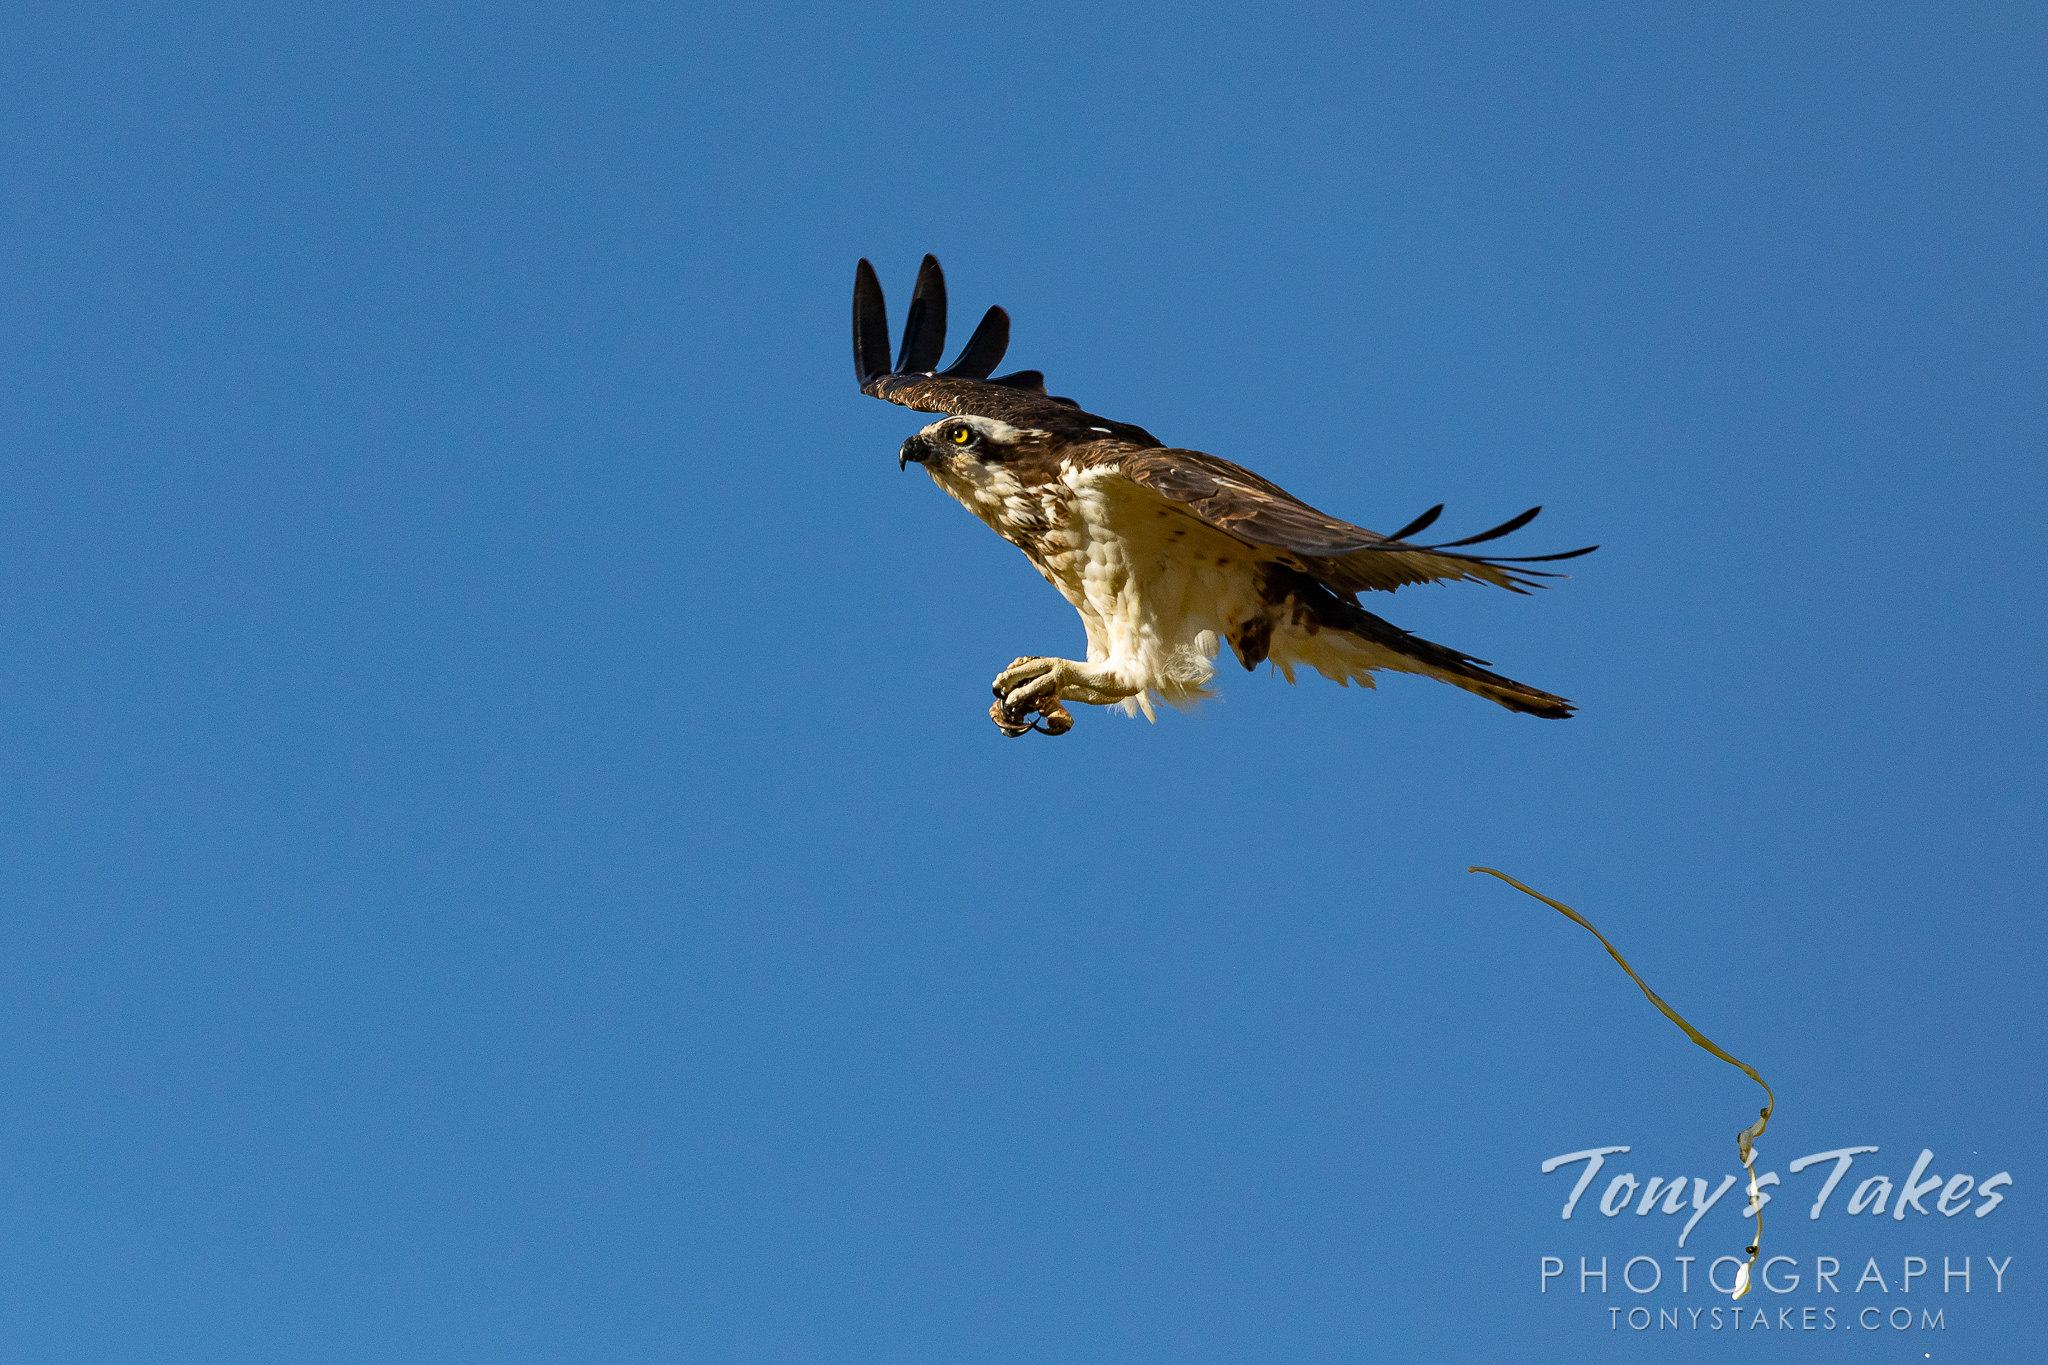 A female osprey